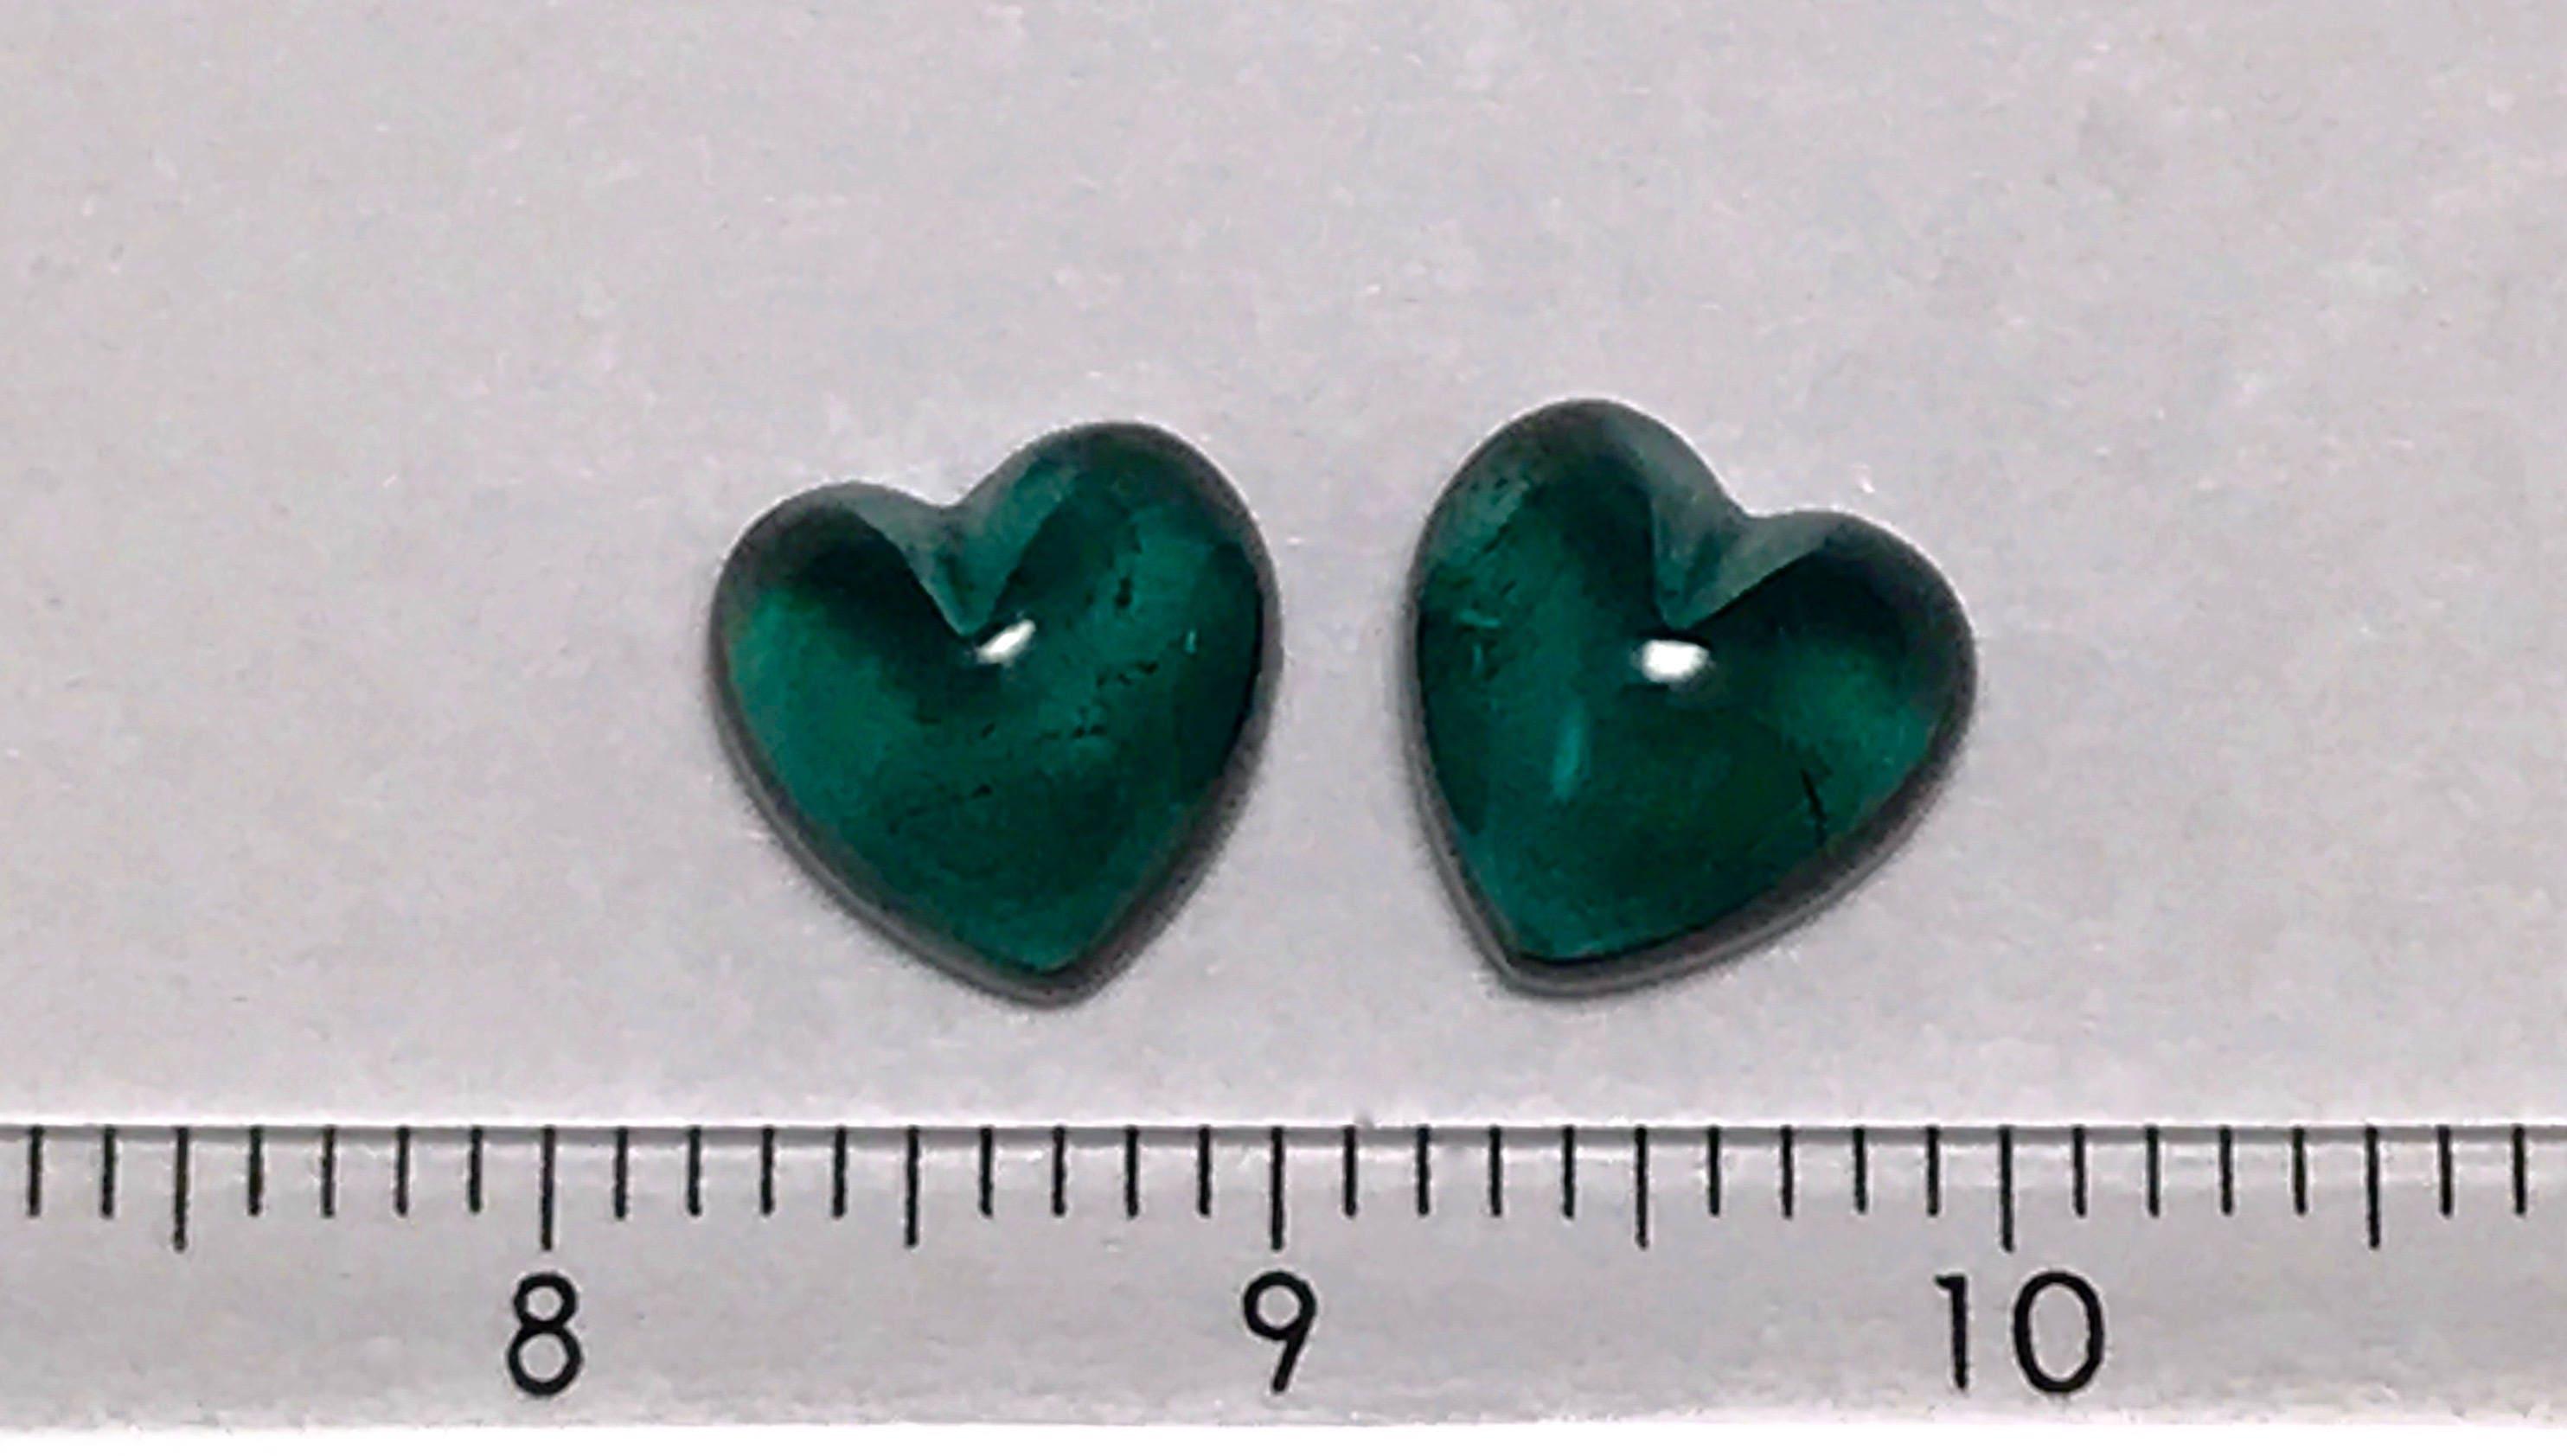 Vert bleu Tourmaline Tourmaline bleu coeur forme Cabochon paire, 4,4 cts, la Saint-Valentin, boucles d'oreilles, cabochon en vrac, pierres précieuses en vrac 4eb33f